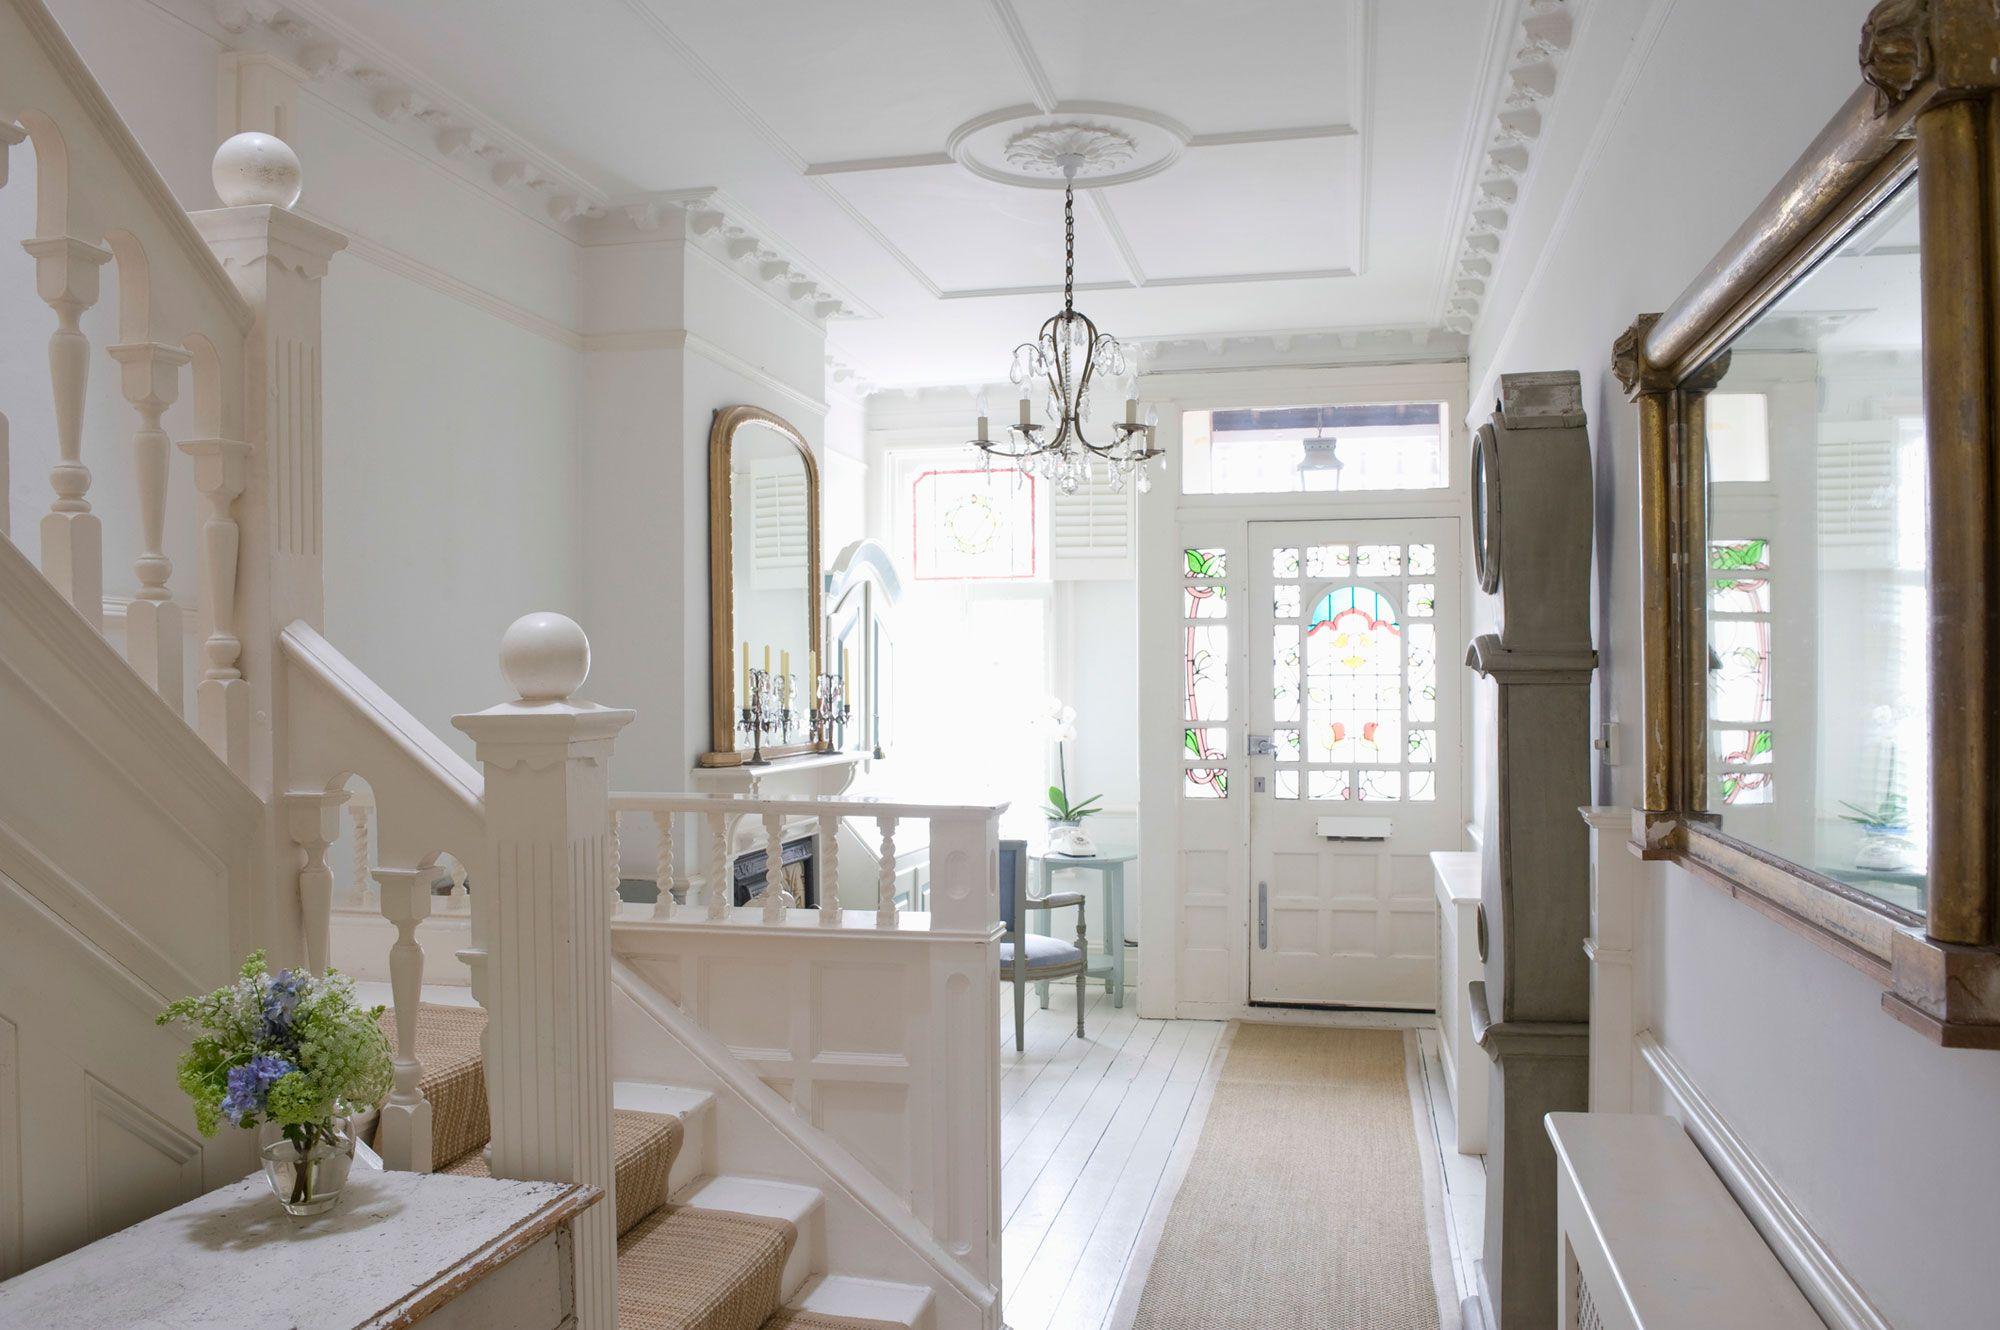 Hogar feng shui: cómo decorar la entrada y las escaleras